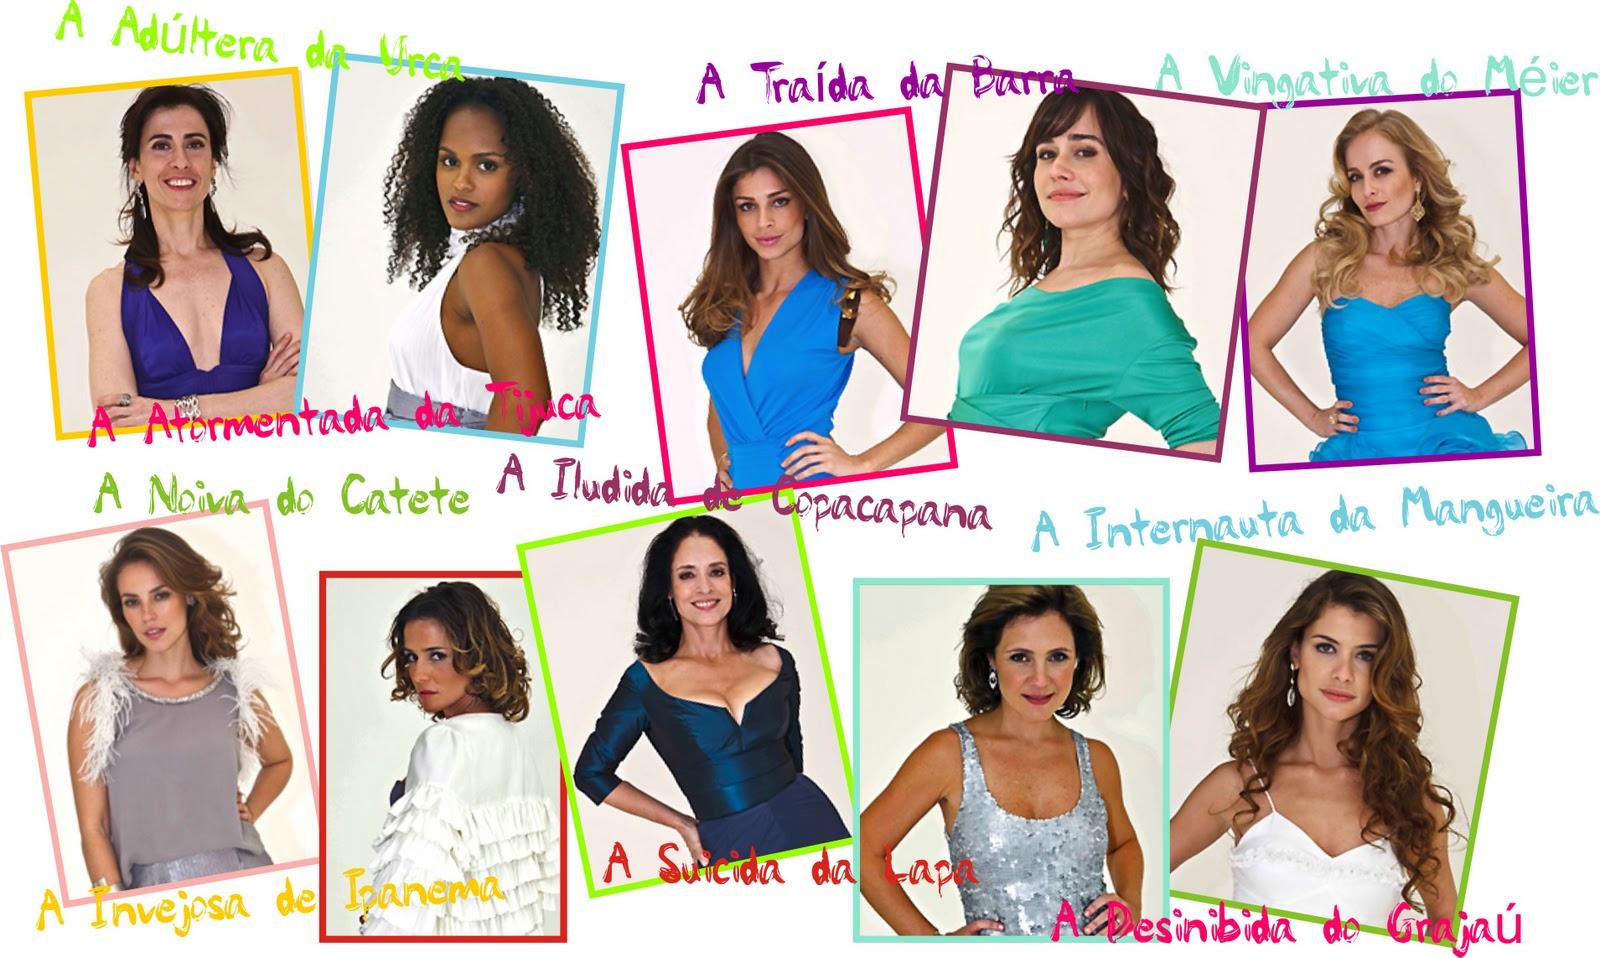 http://www.sabetudo.net/wp-content/uploads/2010/12/As-Cariocas-Rede-Globo-.jpg